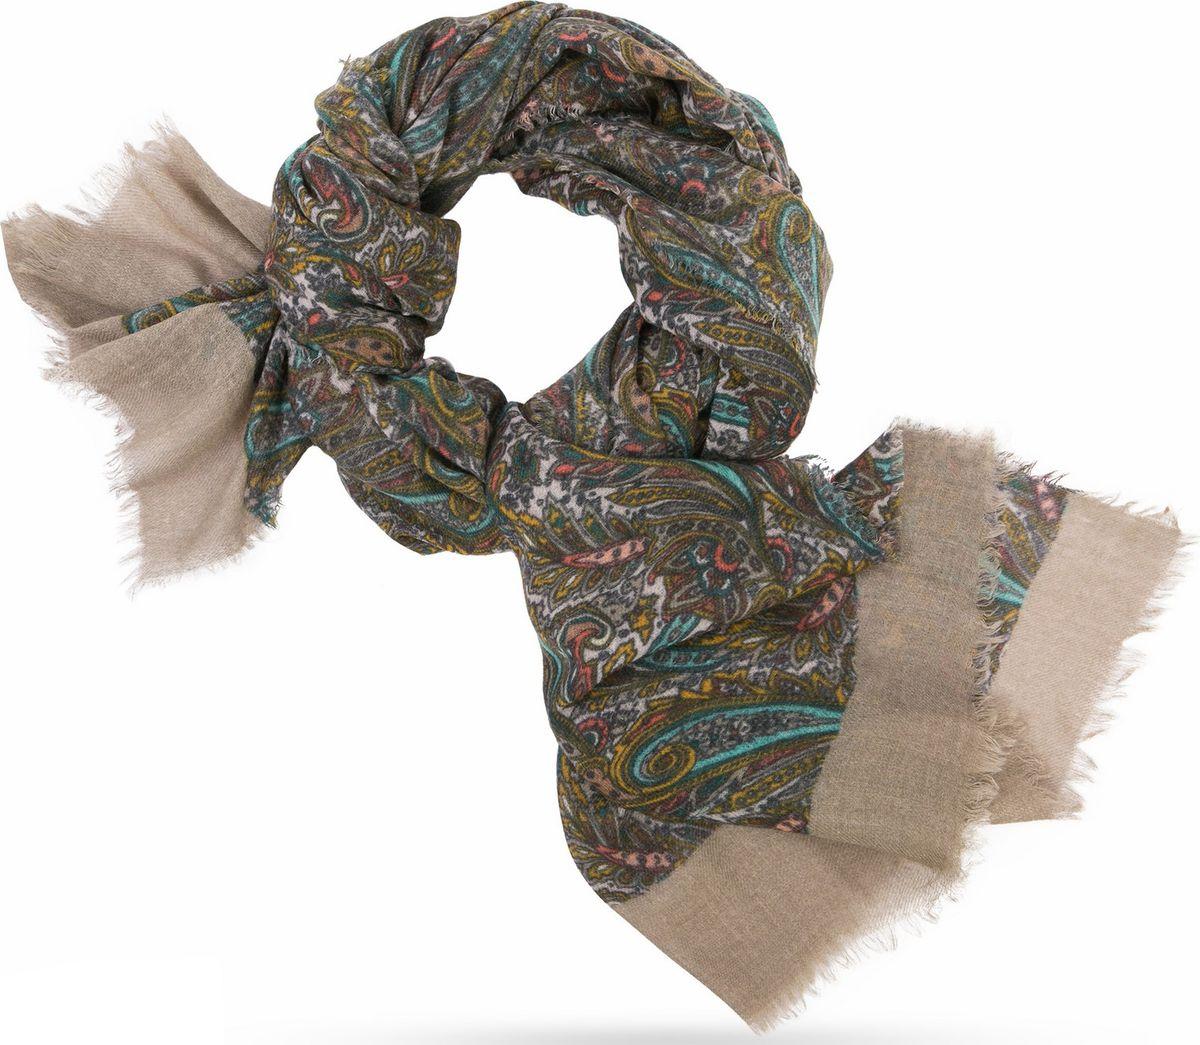 Палантин Michel Katana, цвет: зеленый, бирюзовый. W70.TW4-SK84/GREY. Размер 100 x 200 смW70.TW4-SK84/GREYПлотное плетение Twill. Вес изделия 140г (70 г/м2). Мягчайшая ткань, отлично драпируется, держит форму и объем. Нитчатые бохромки с четырех сторон.